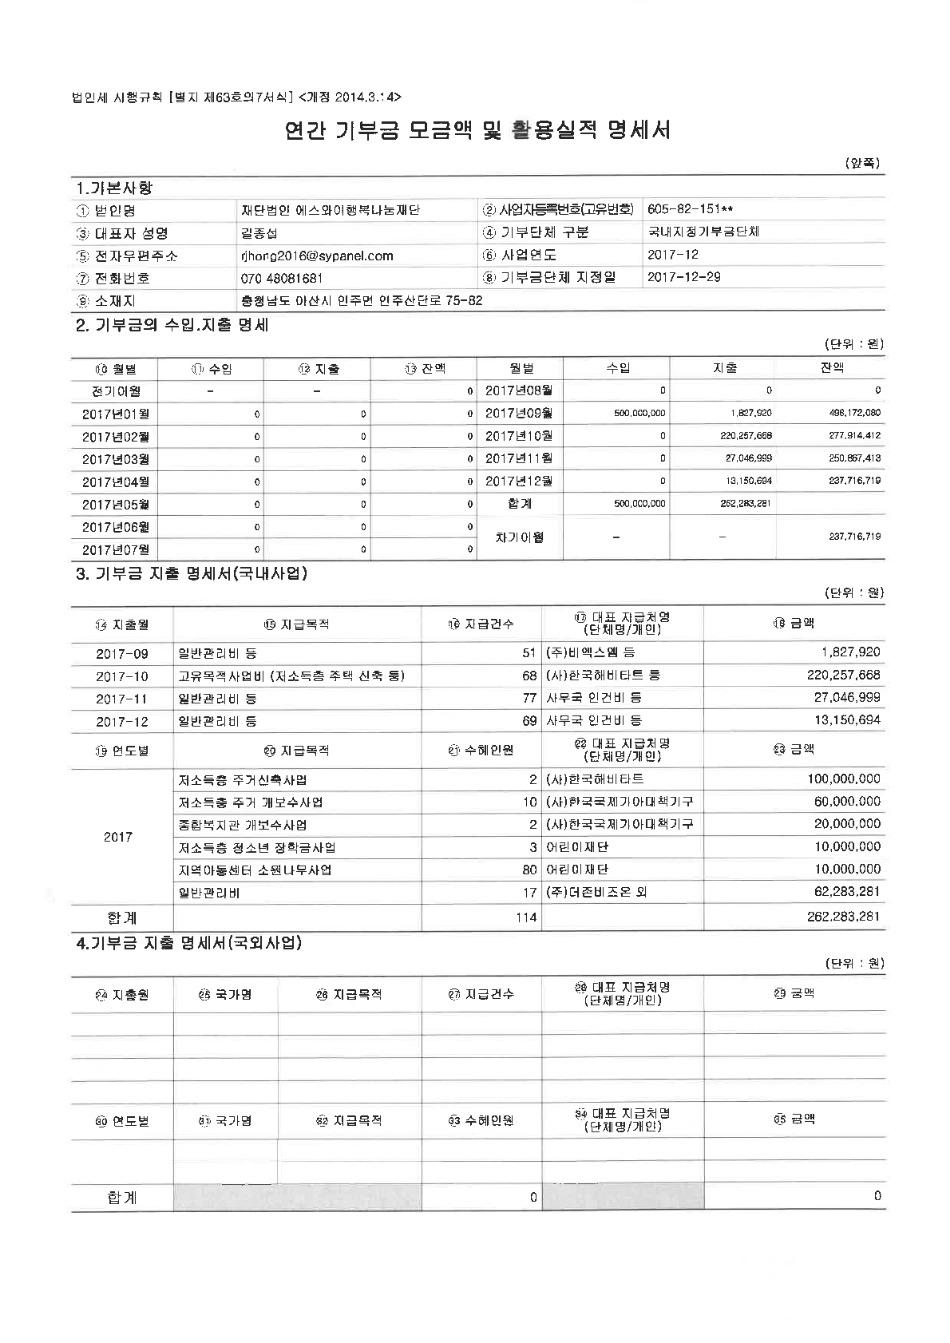 2017년 연간 기부금 모금액 및 활용실적 명세서_1.jpg